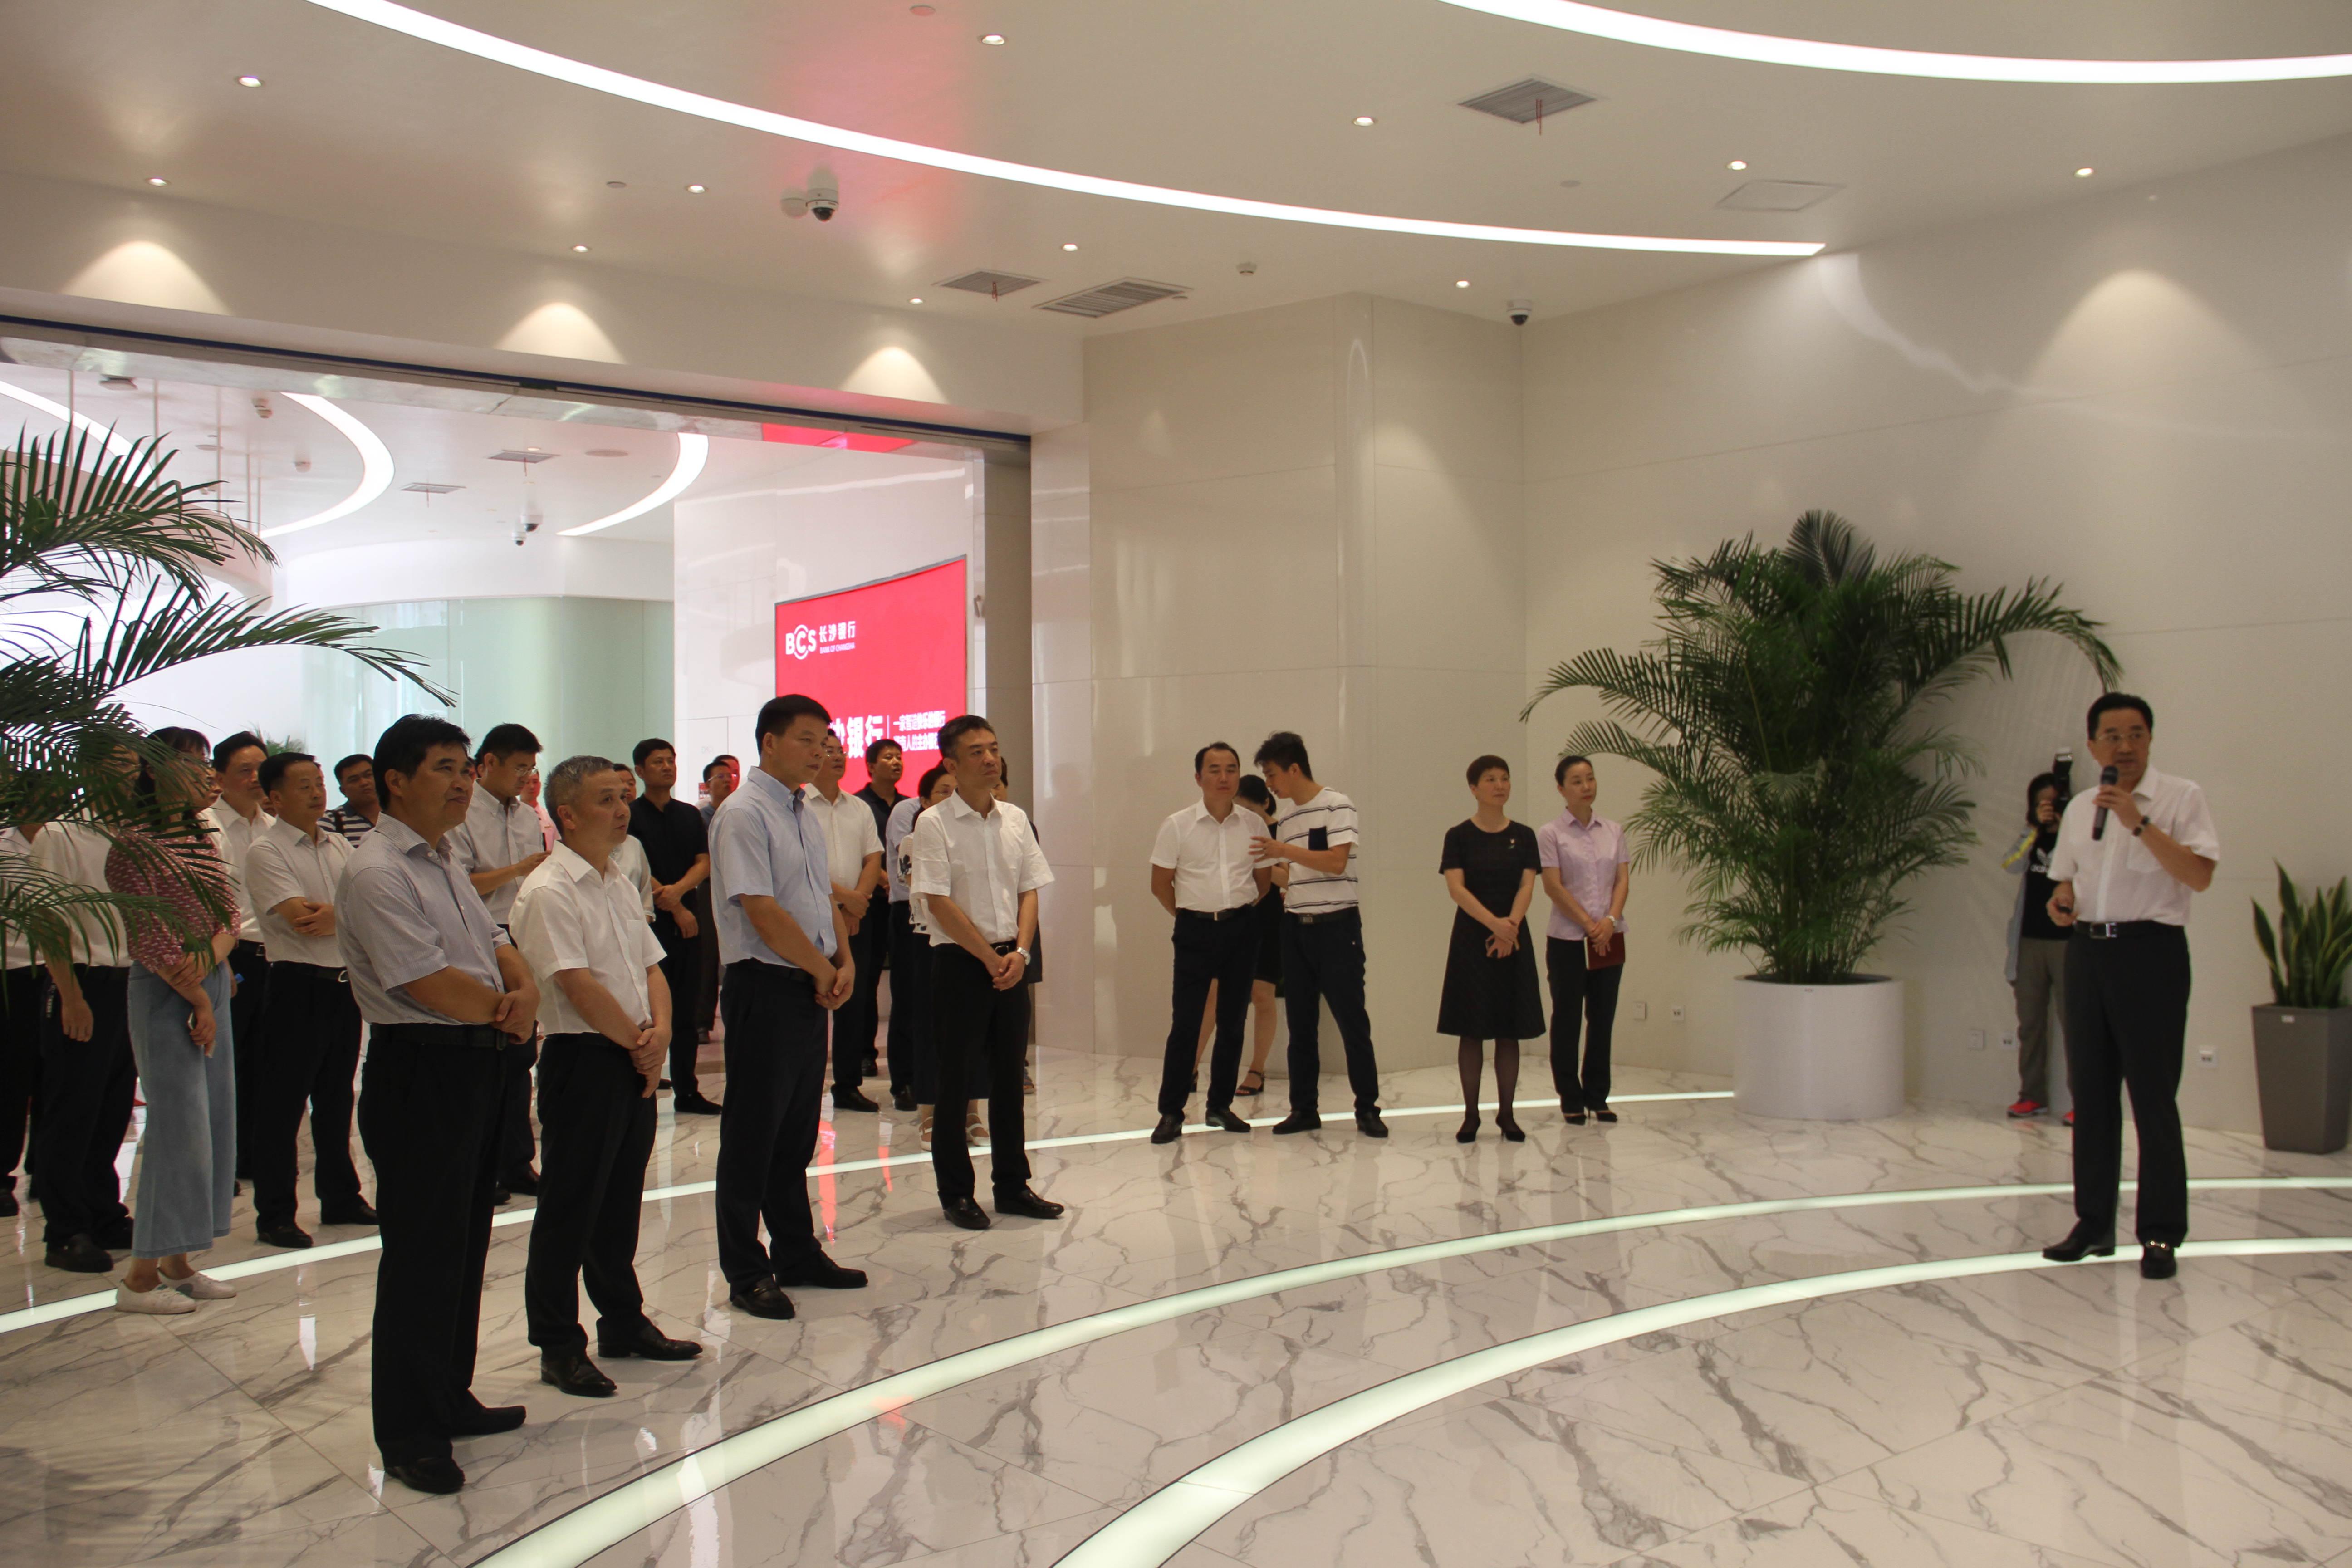 长沙岳麓区区委书记周志凯一行莅临楷林国际&长沙银行总部大楼调研